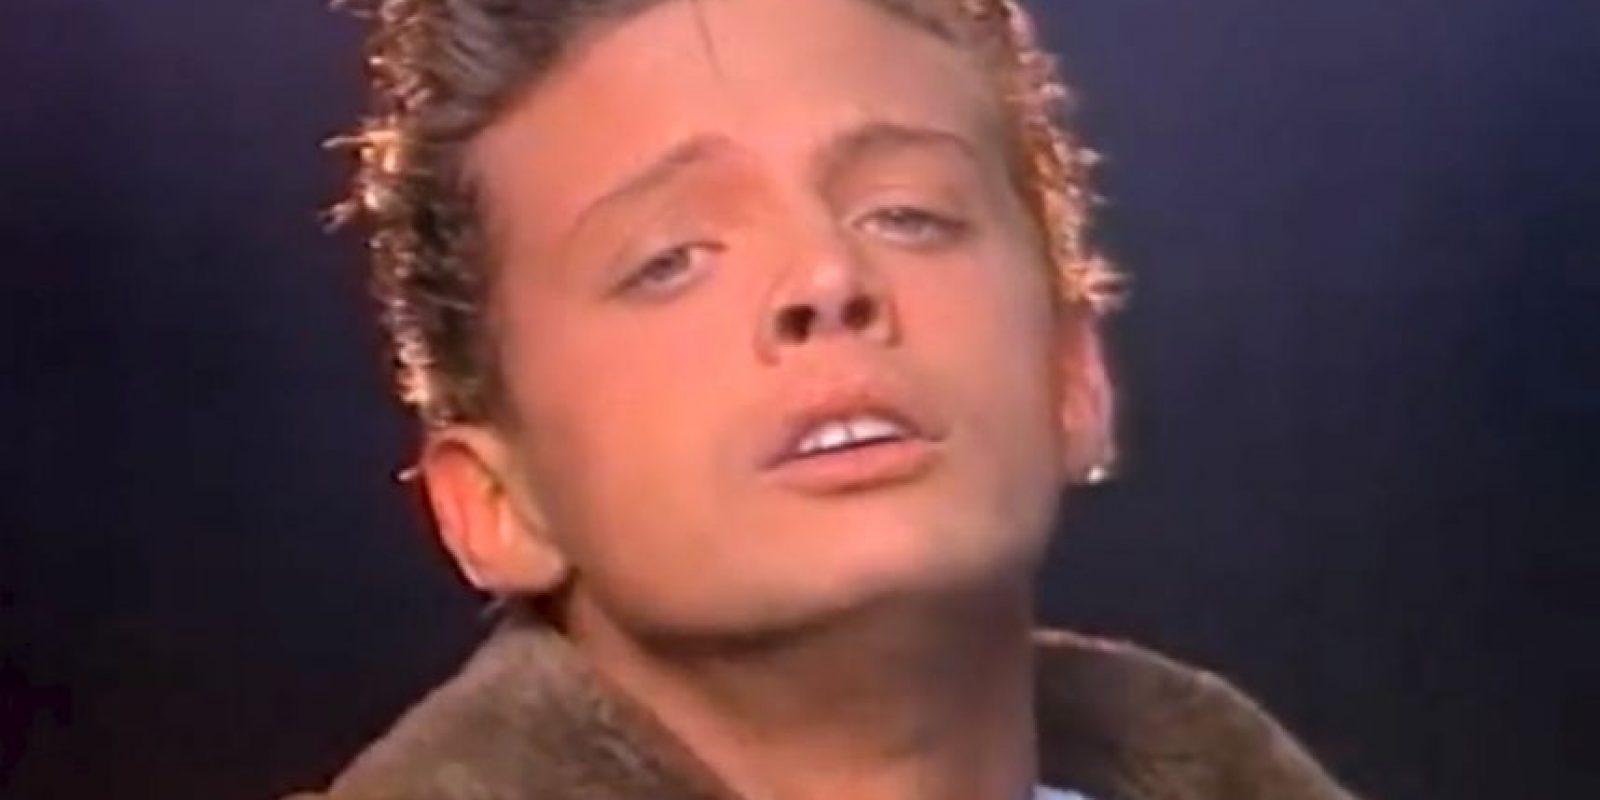 """En 1988, Luis Miguel lanzó el videoclip """"La Incondicional"""" con la modelo Carolina Menéndez. Foto:vía youtube.com/OficialLuisMiguel"""